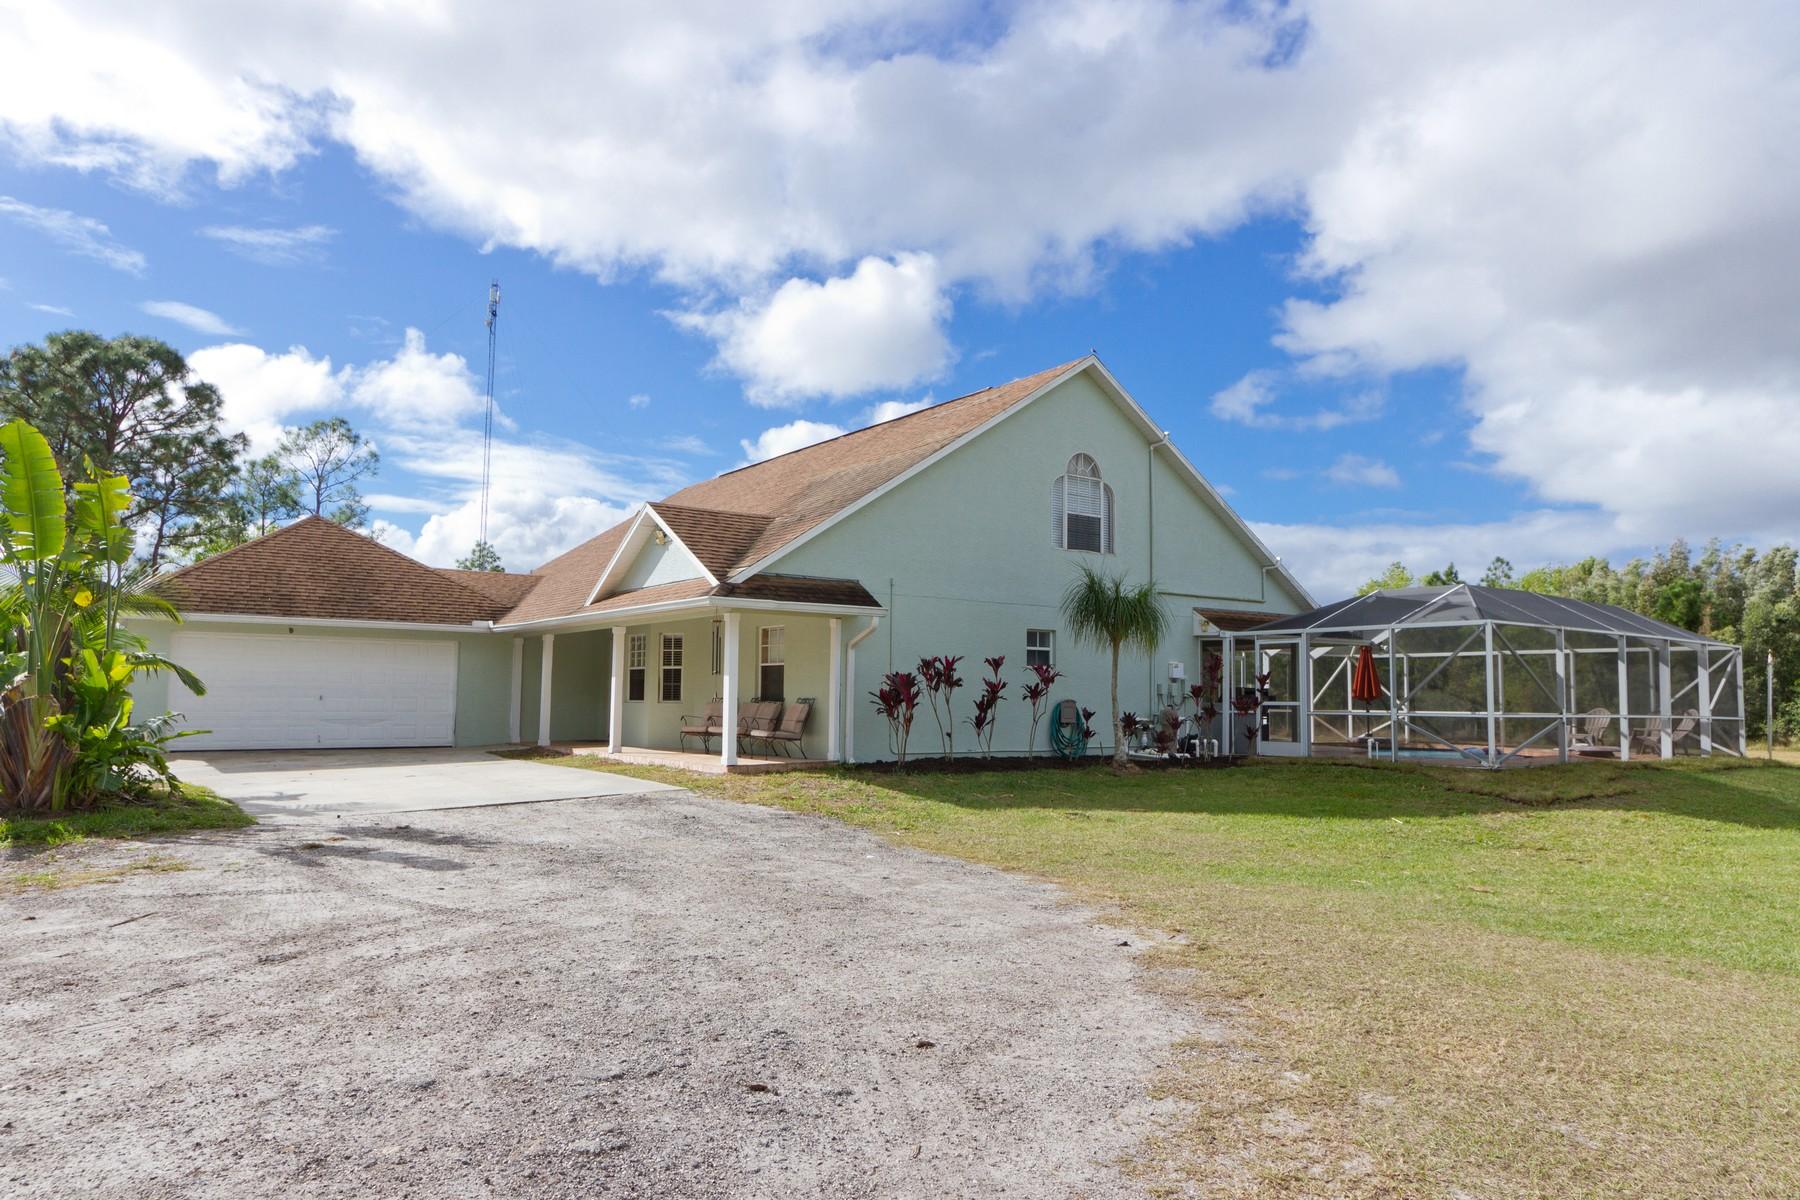 Tek Ailelik Ev için Satış at 5 Acre- Waterfront Home 12925 79th Street Fellsmere, Florida, 32948 Amerika Birleşik Devletleri